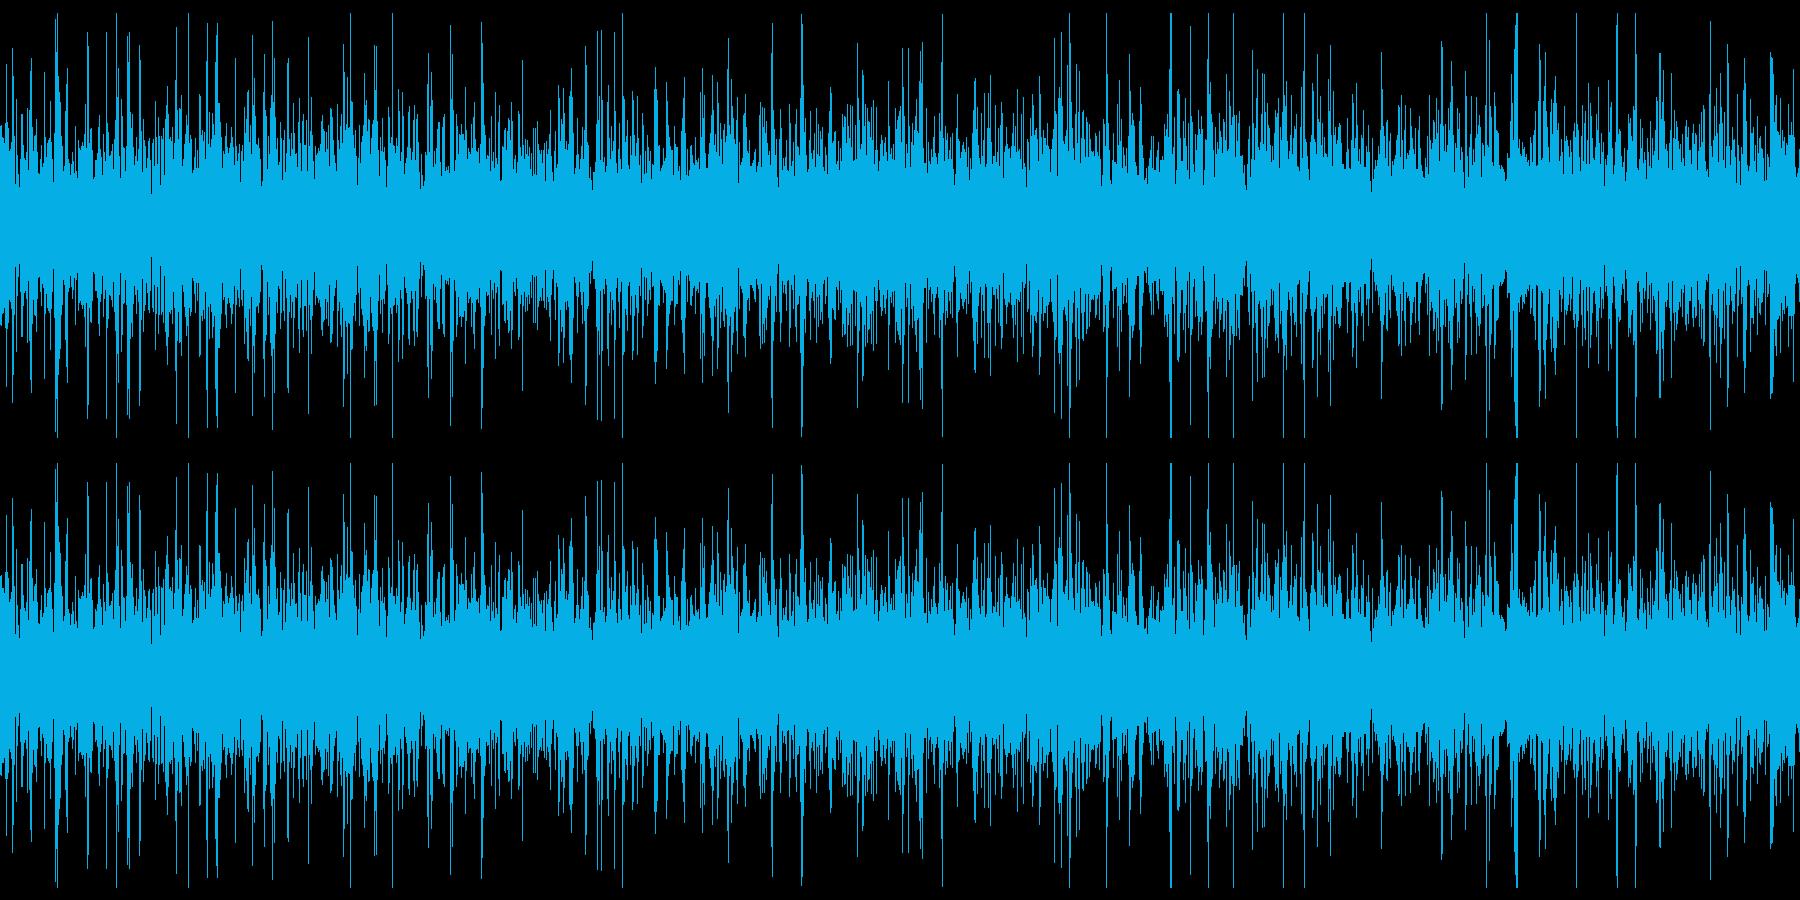 ループ再生用「ぶくぶく」水中を潜行する音の再生済みの波形